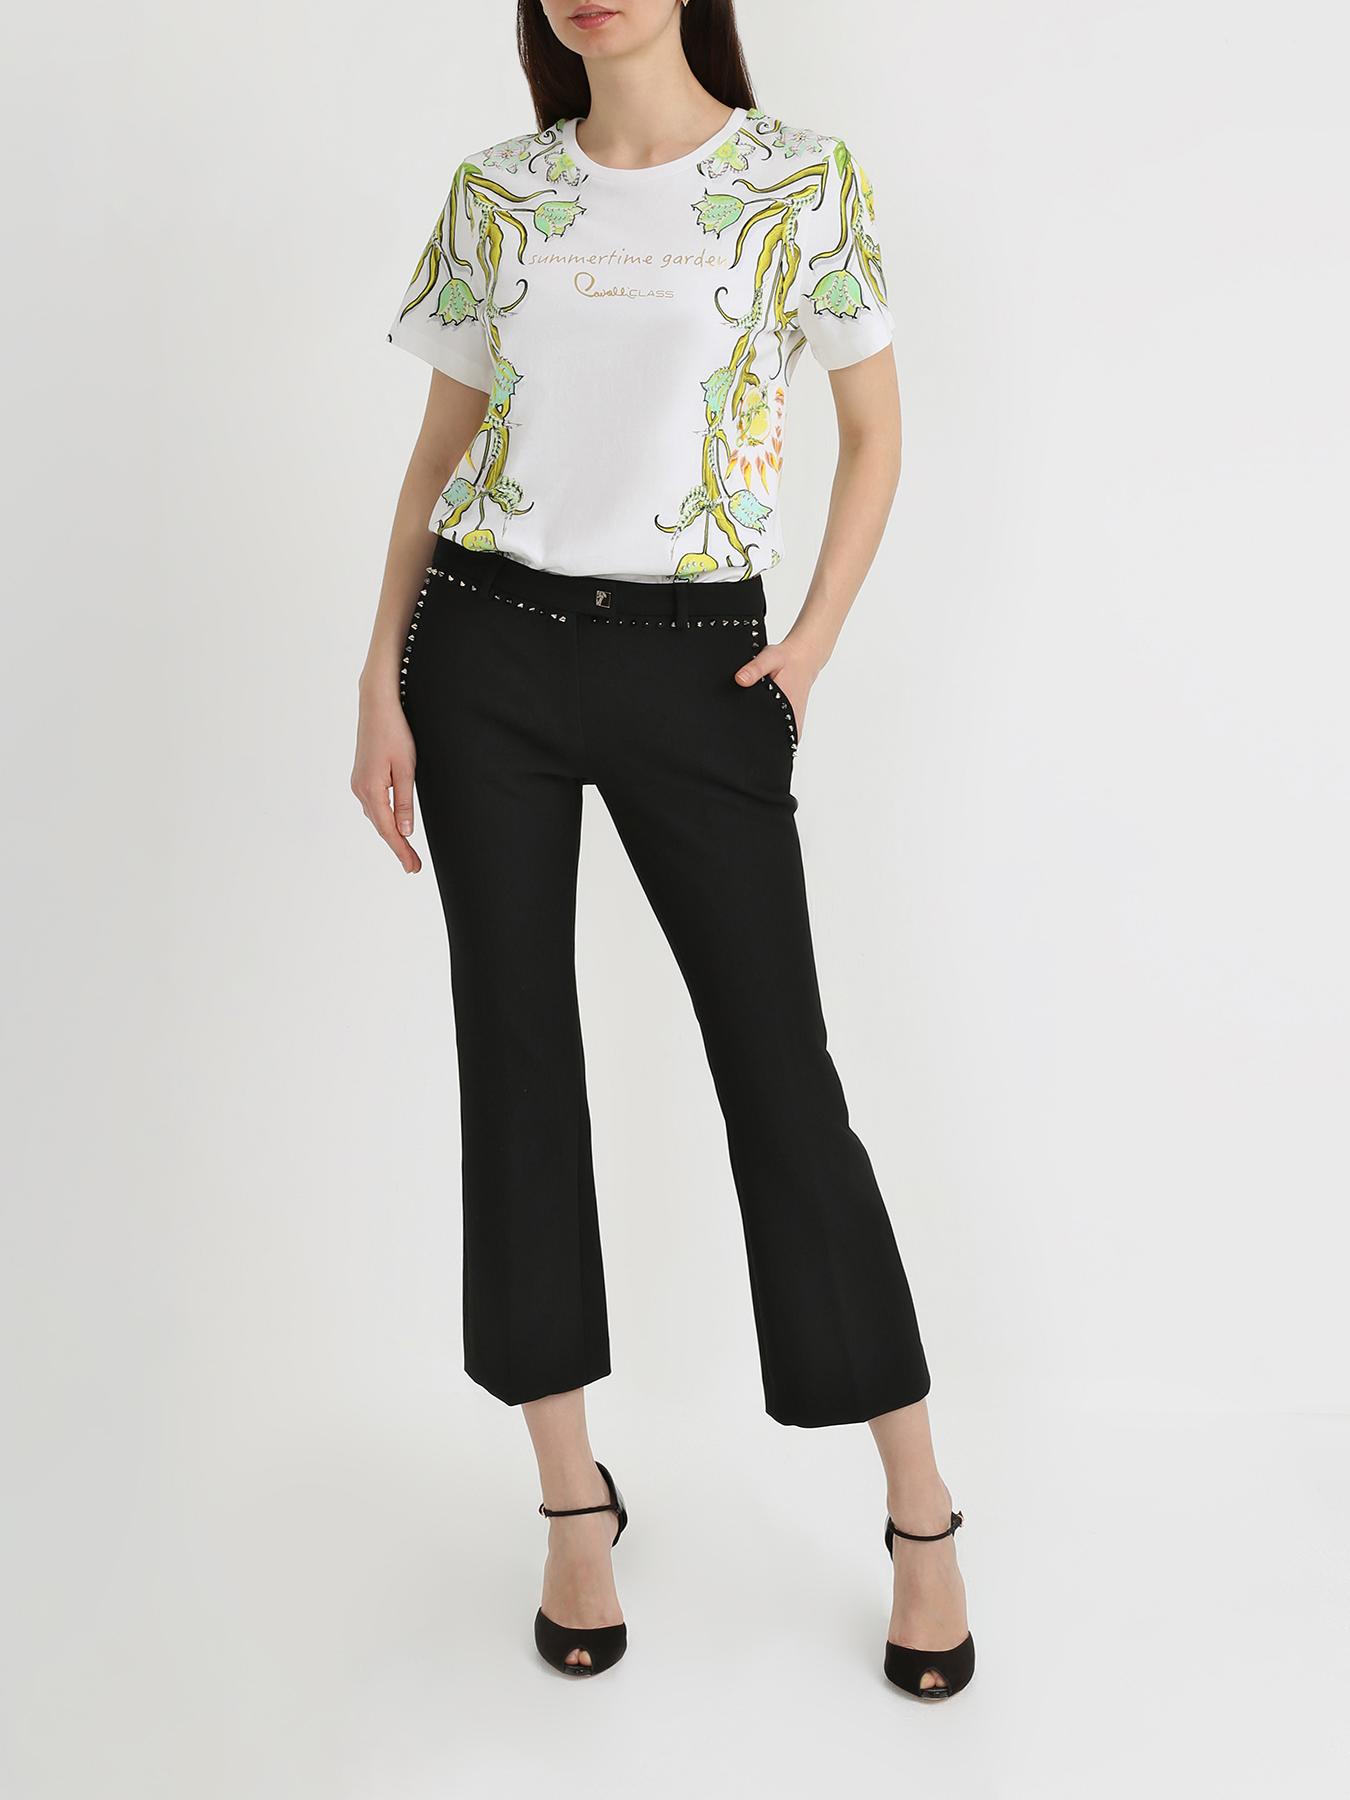 Брюки Versace collection Расклешенные брюки